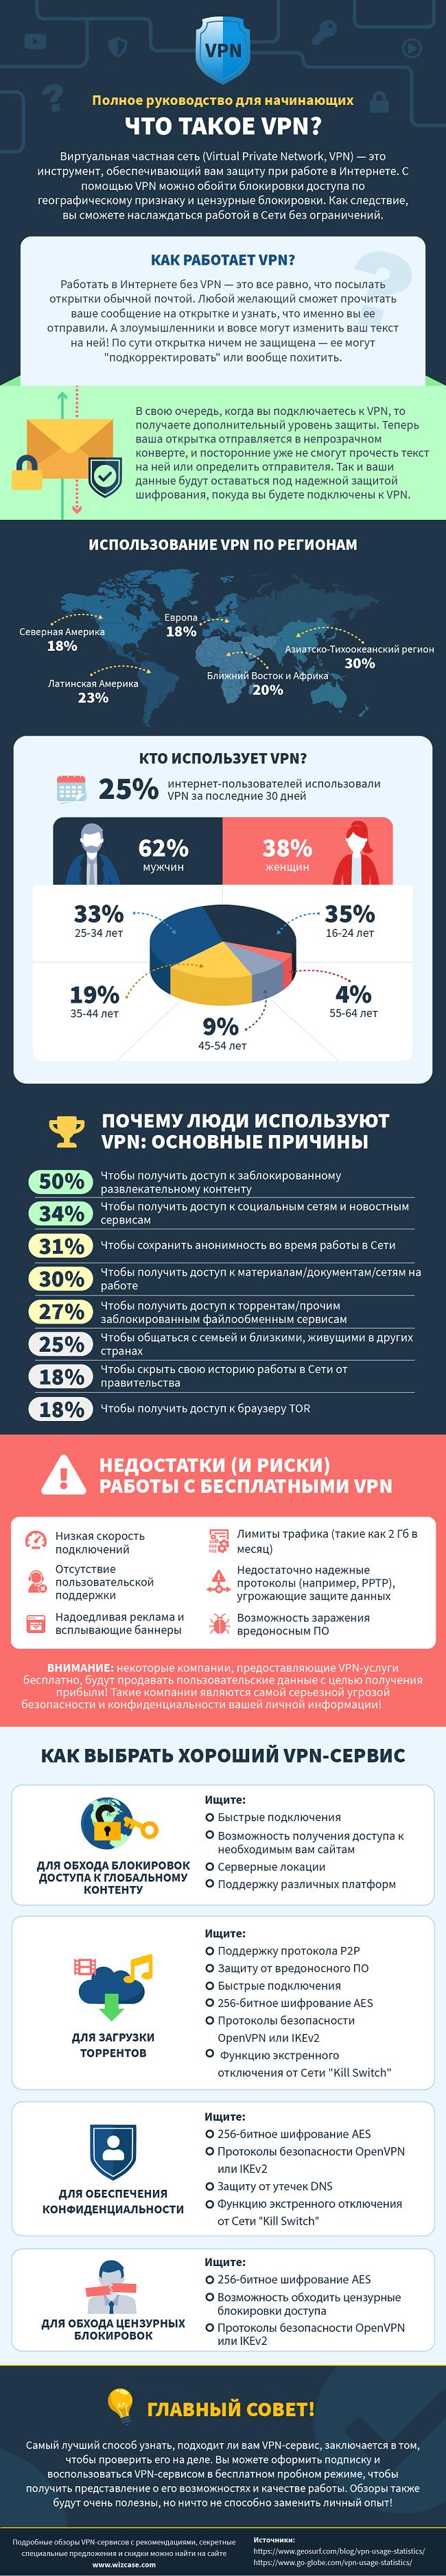 инфографики о том, что такое VPN